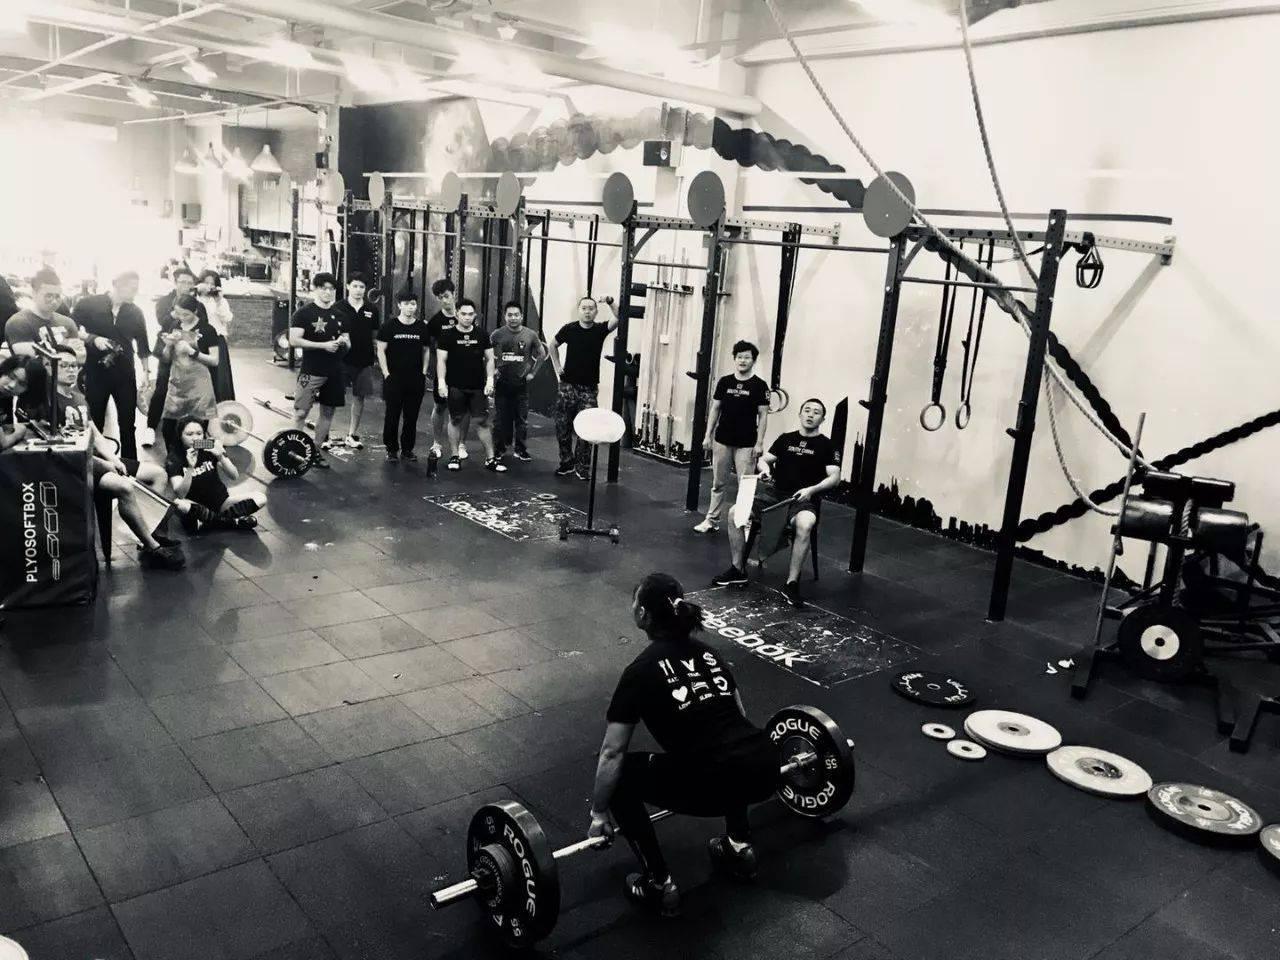 三十年资深奥林匹克举重教练谈举重技巧: 力量翻、下蹲翻、颈前深蹲、低杠位背蹲、硬拉